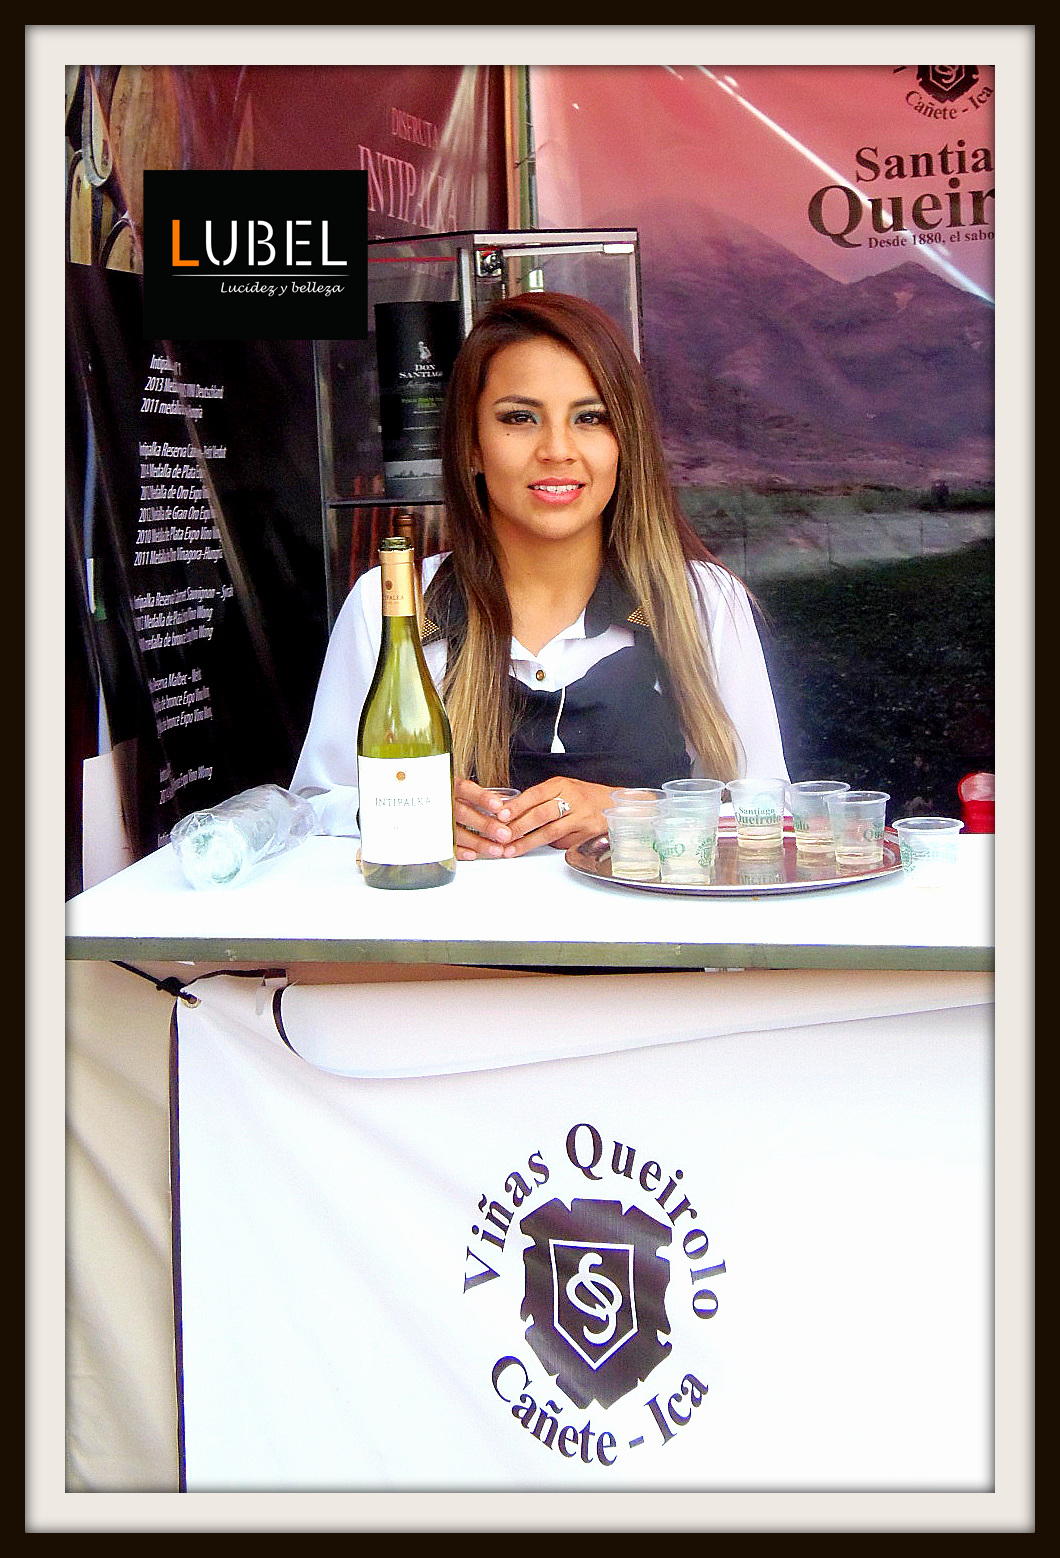 Anfitriona Lubel en stand de Santiago Queirolo en Festisabores Arequipa